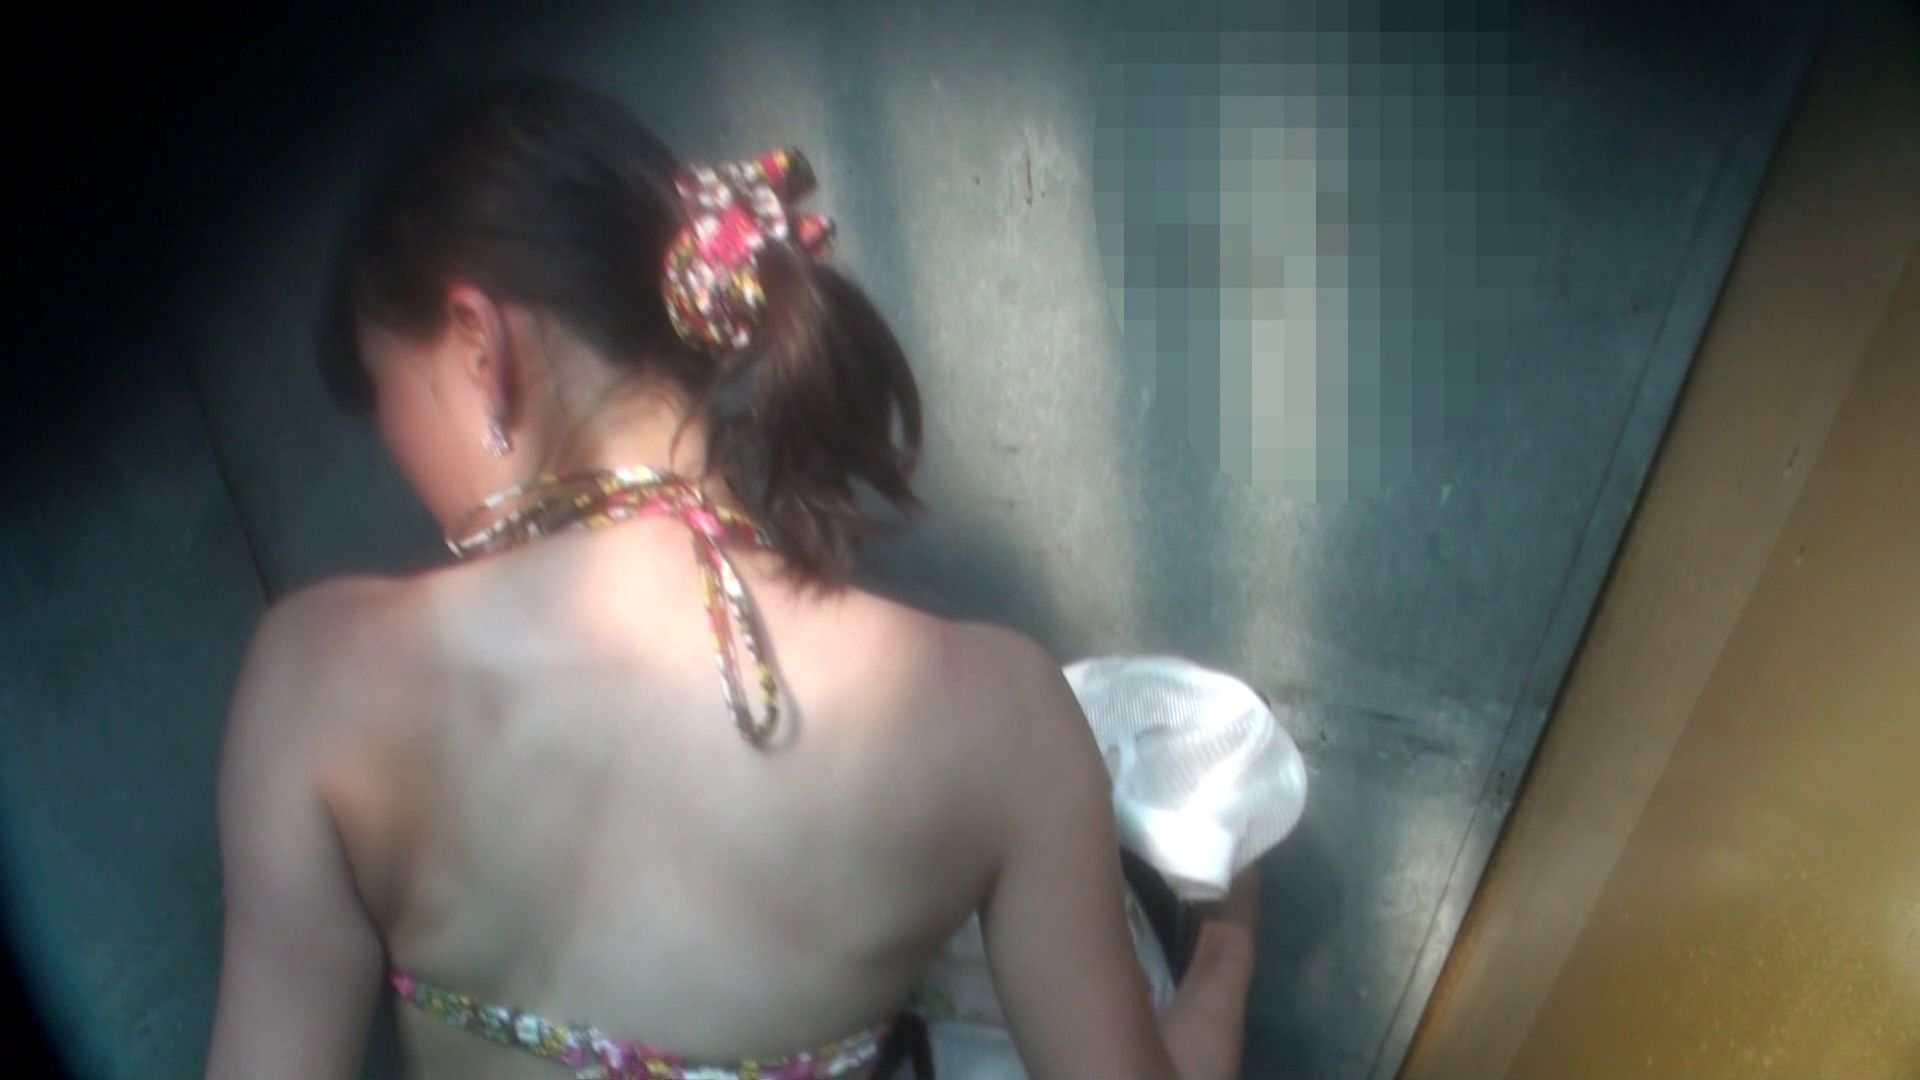 シャワールームは超!!危険な香りVol.16 意外に乳首は年増のそれ 乳首ポロリ  108画像 20